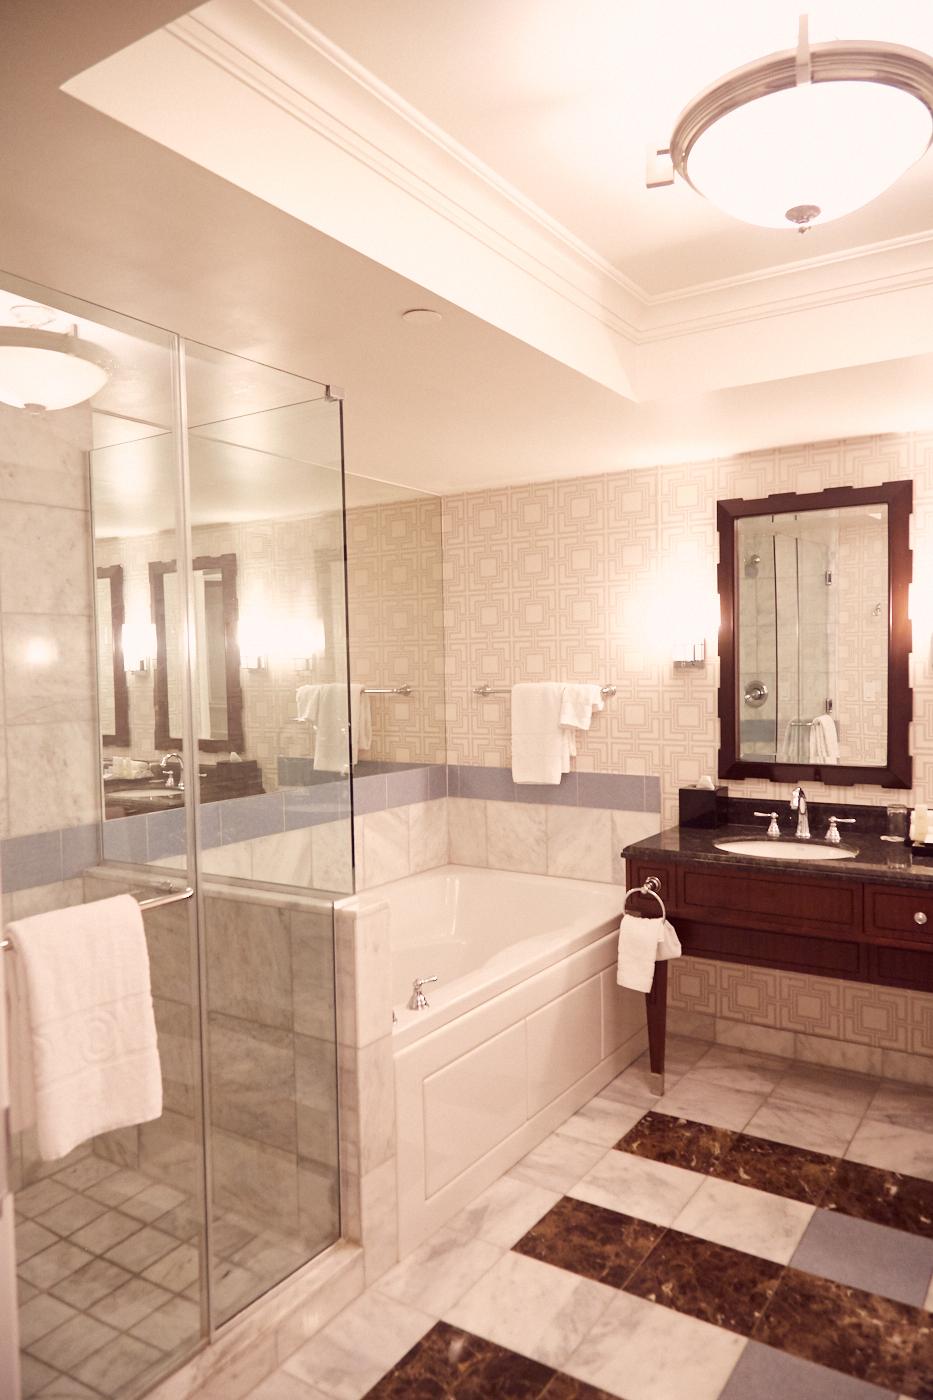 Ein wunderschönes riesiges Badezimmer! Das Upgrade im Caesars Palace war einer unserer 5 verrücktesten Reisemomente